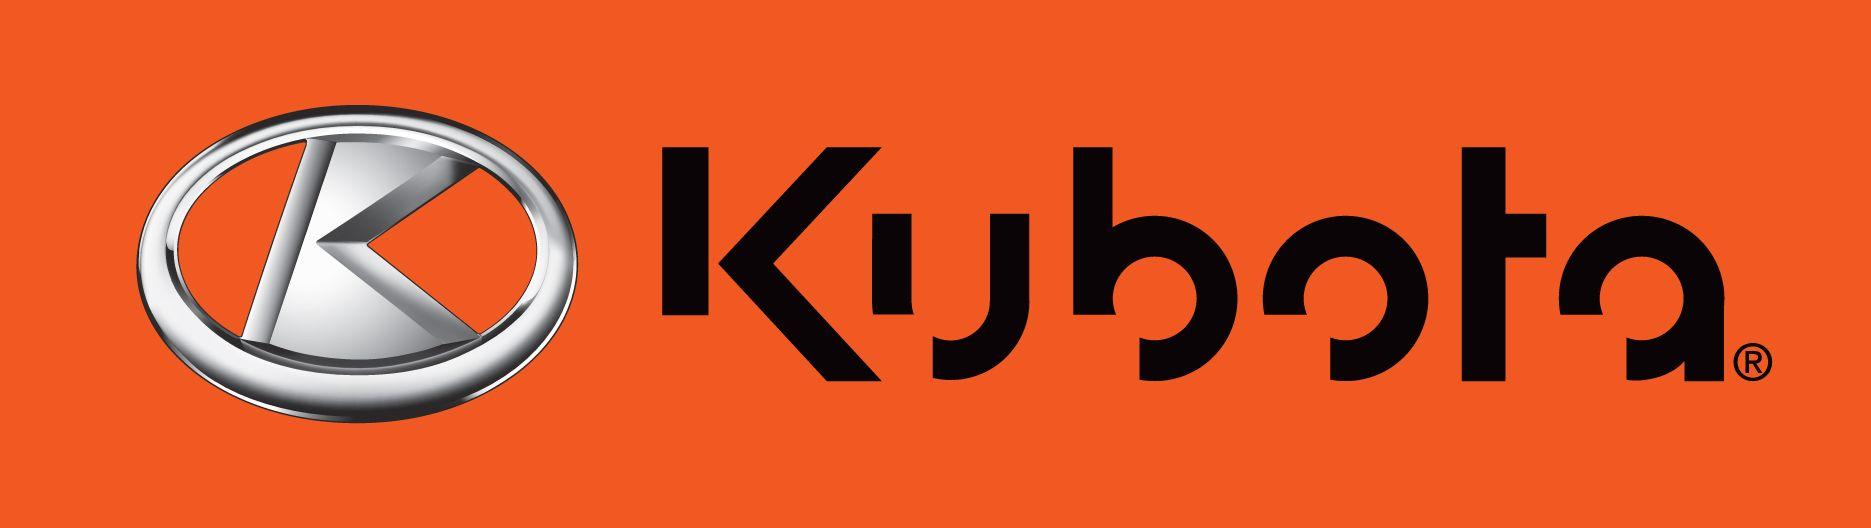 kubot.jpg